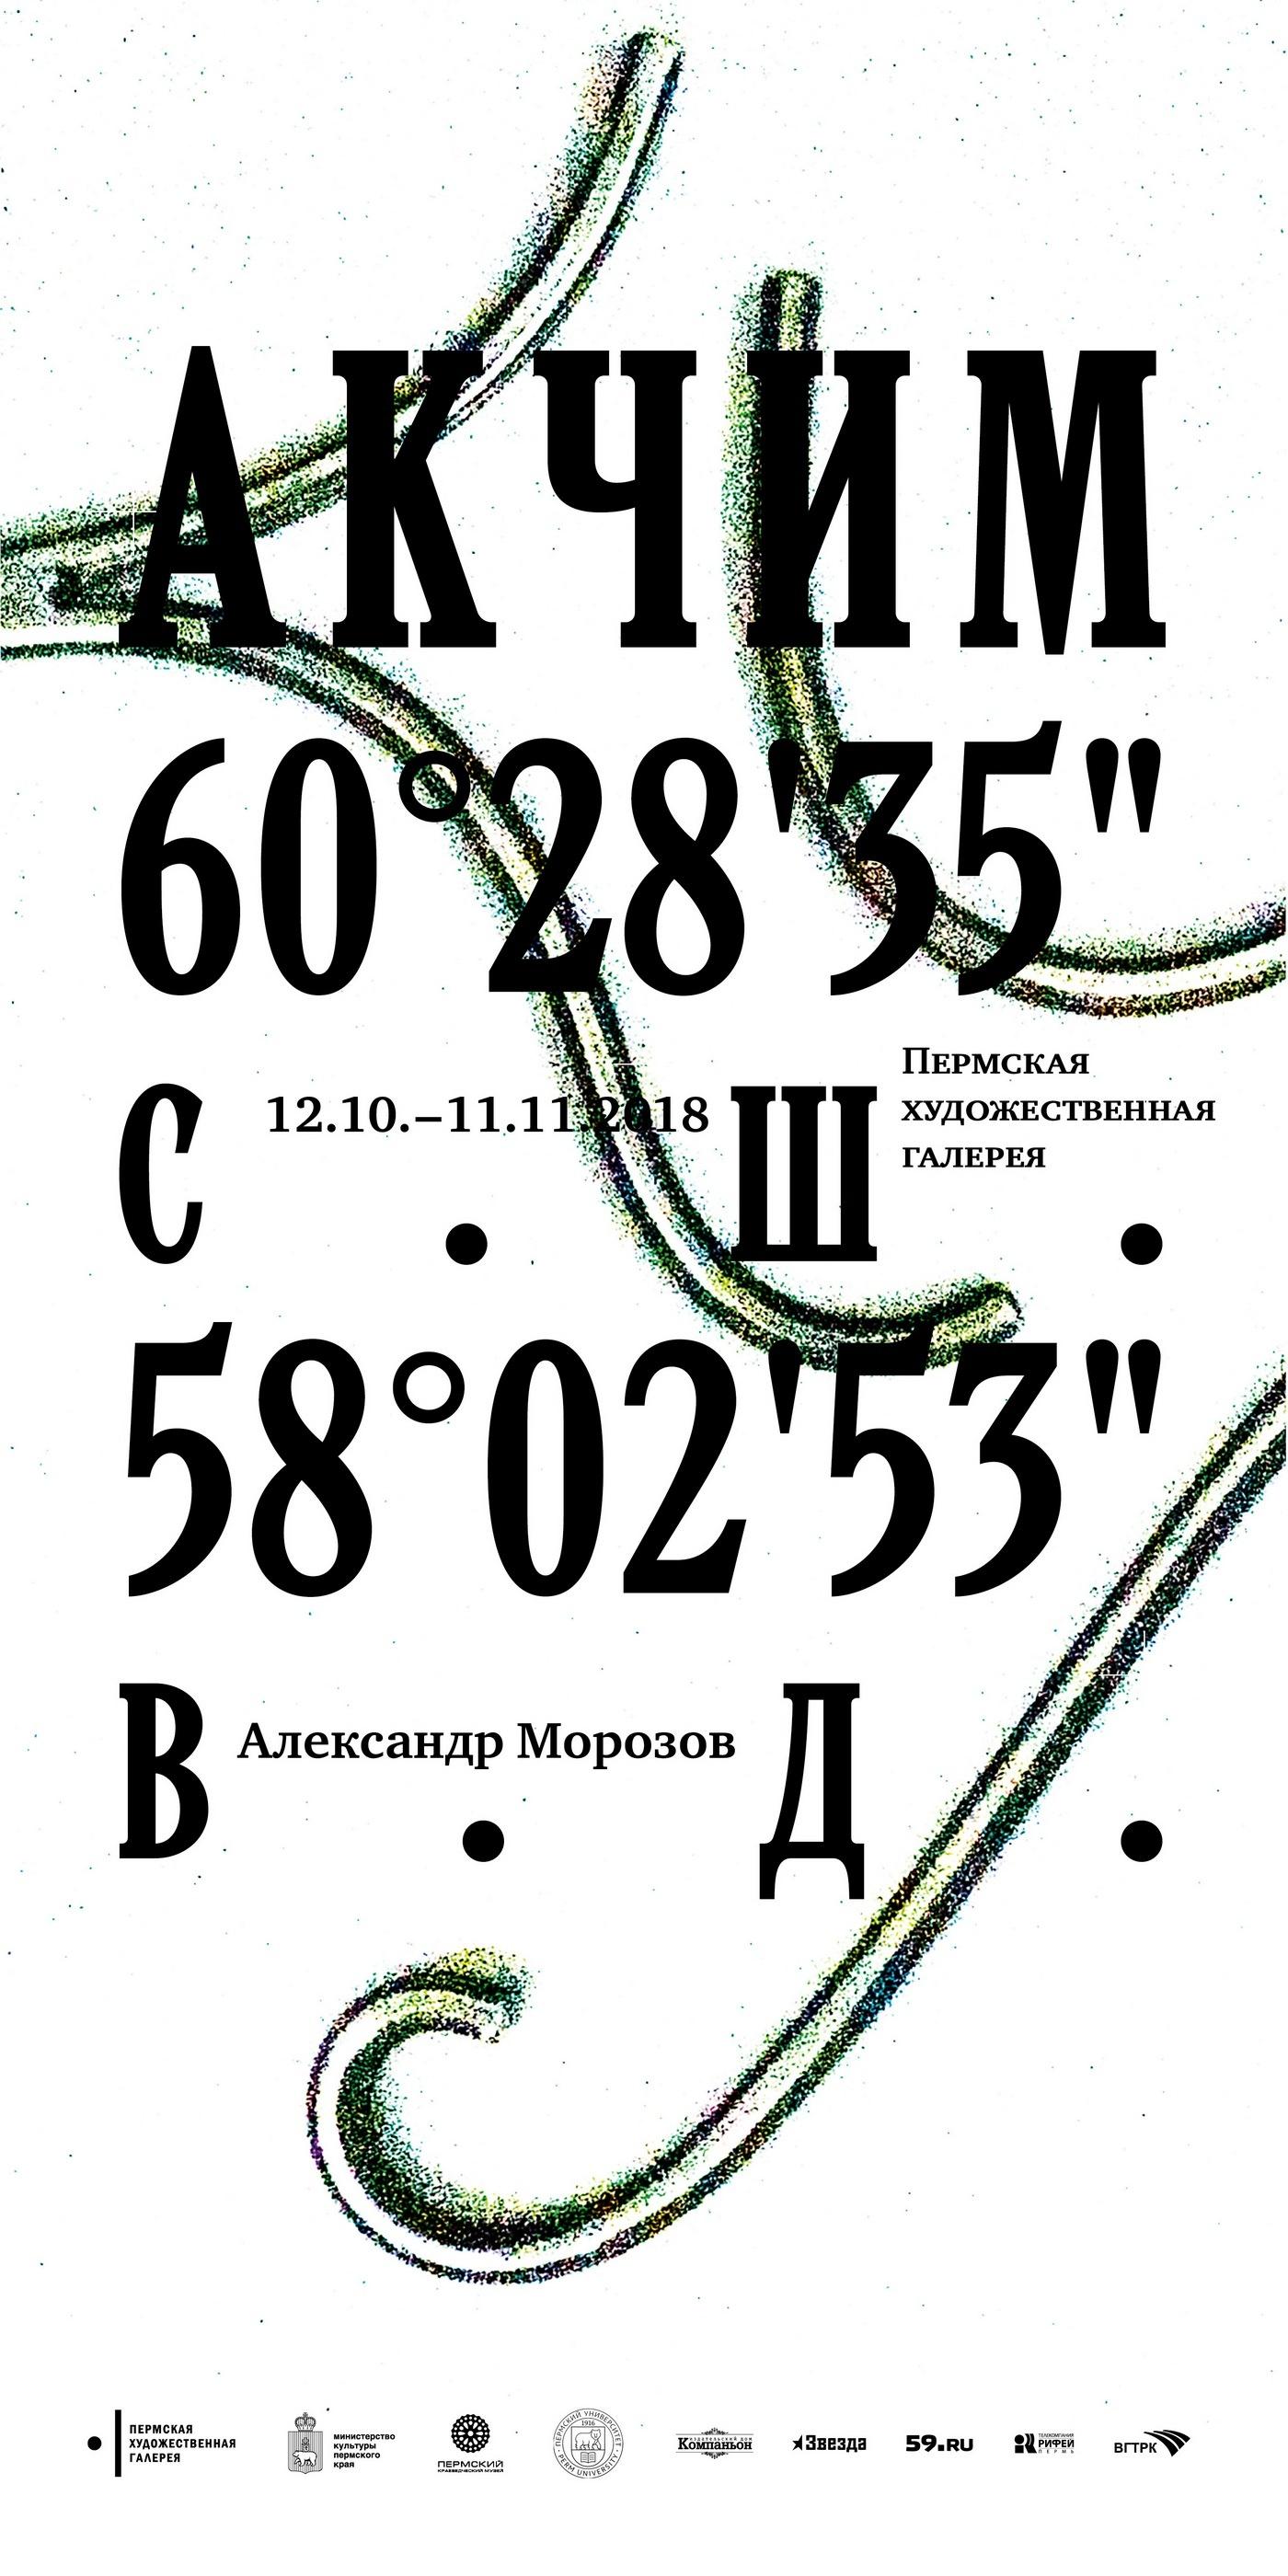 """Akchim. Coordonnées 60 ° 28′35 """"sw 58 ° 02′53"""" c. d, 12+"""